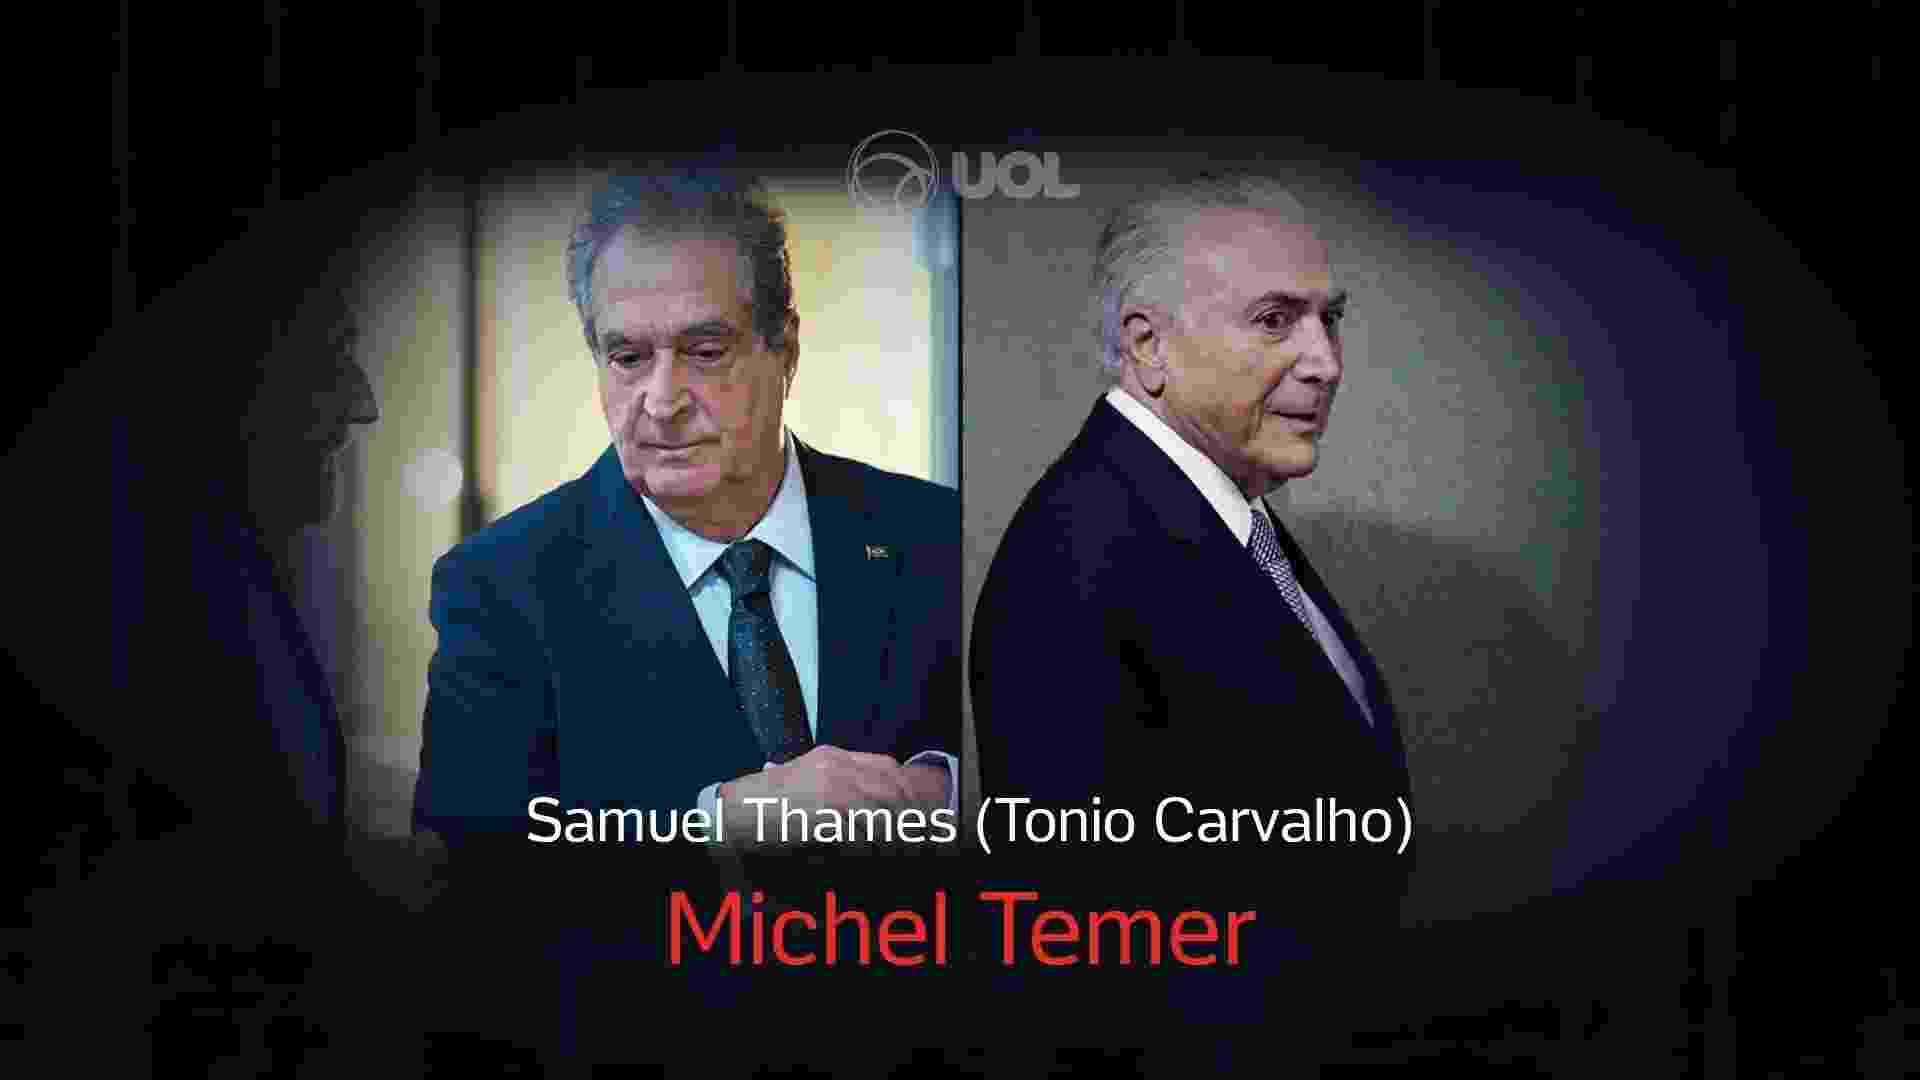 O Mecanismo - Michel Temer - Samuel Thames - Karima Shehata/Netflix e Leonardo Benassatto/Reuters